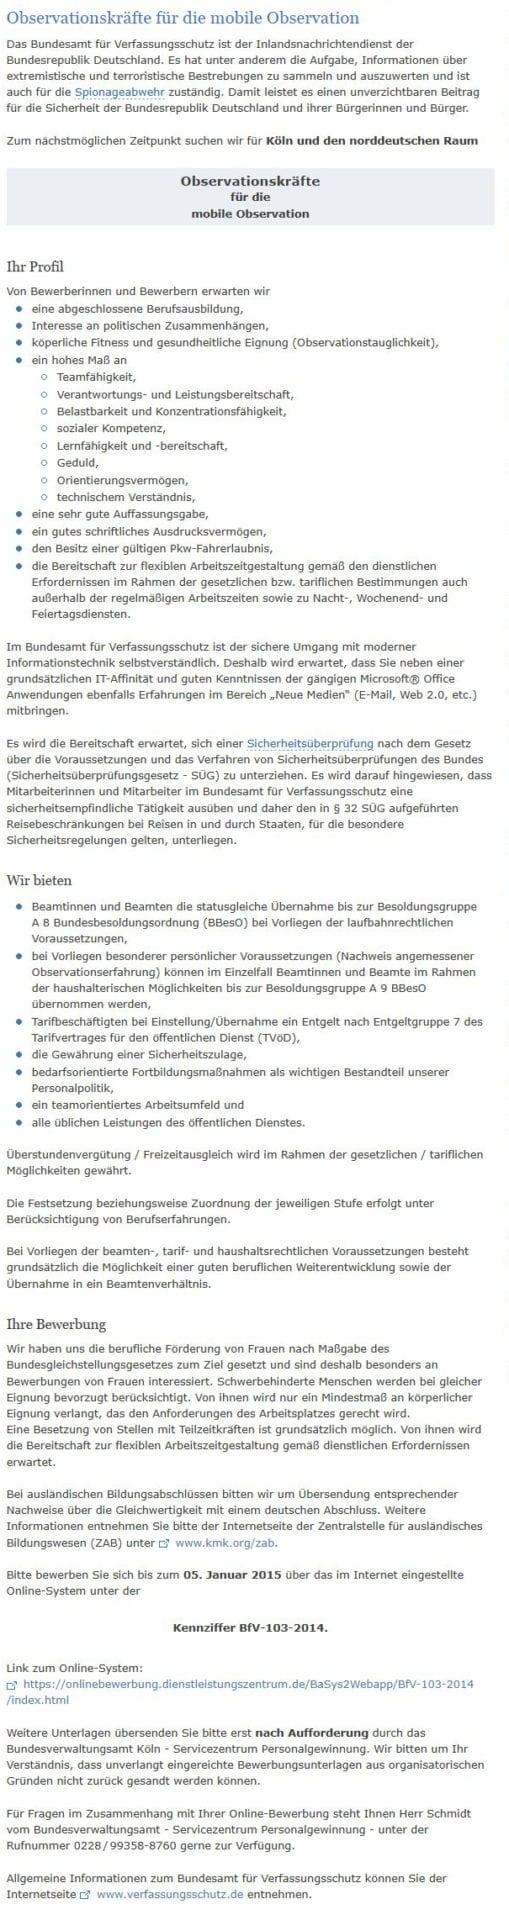 Stellenanzeige - Verfassungsschutz sucht Observationskräfte für die mobile Observation